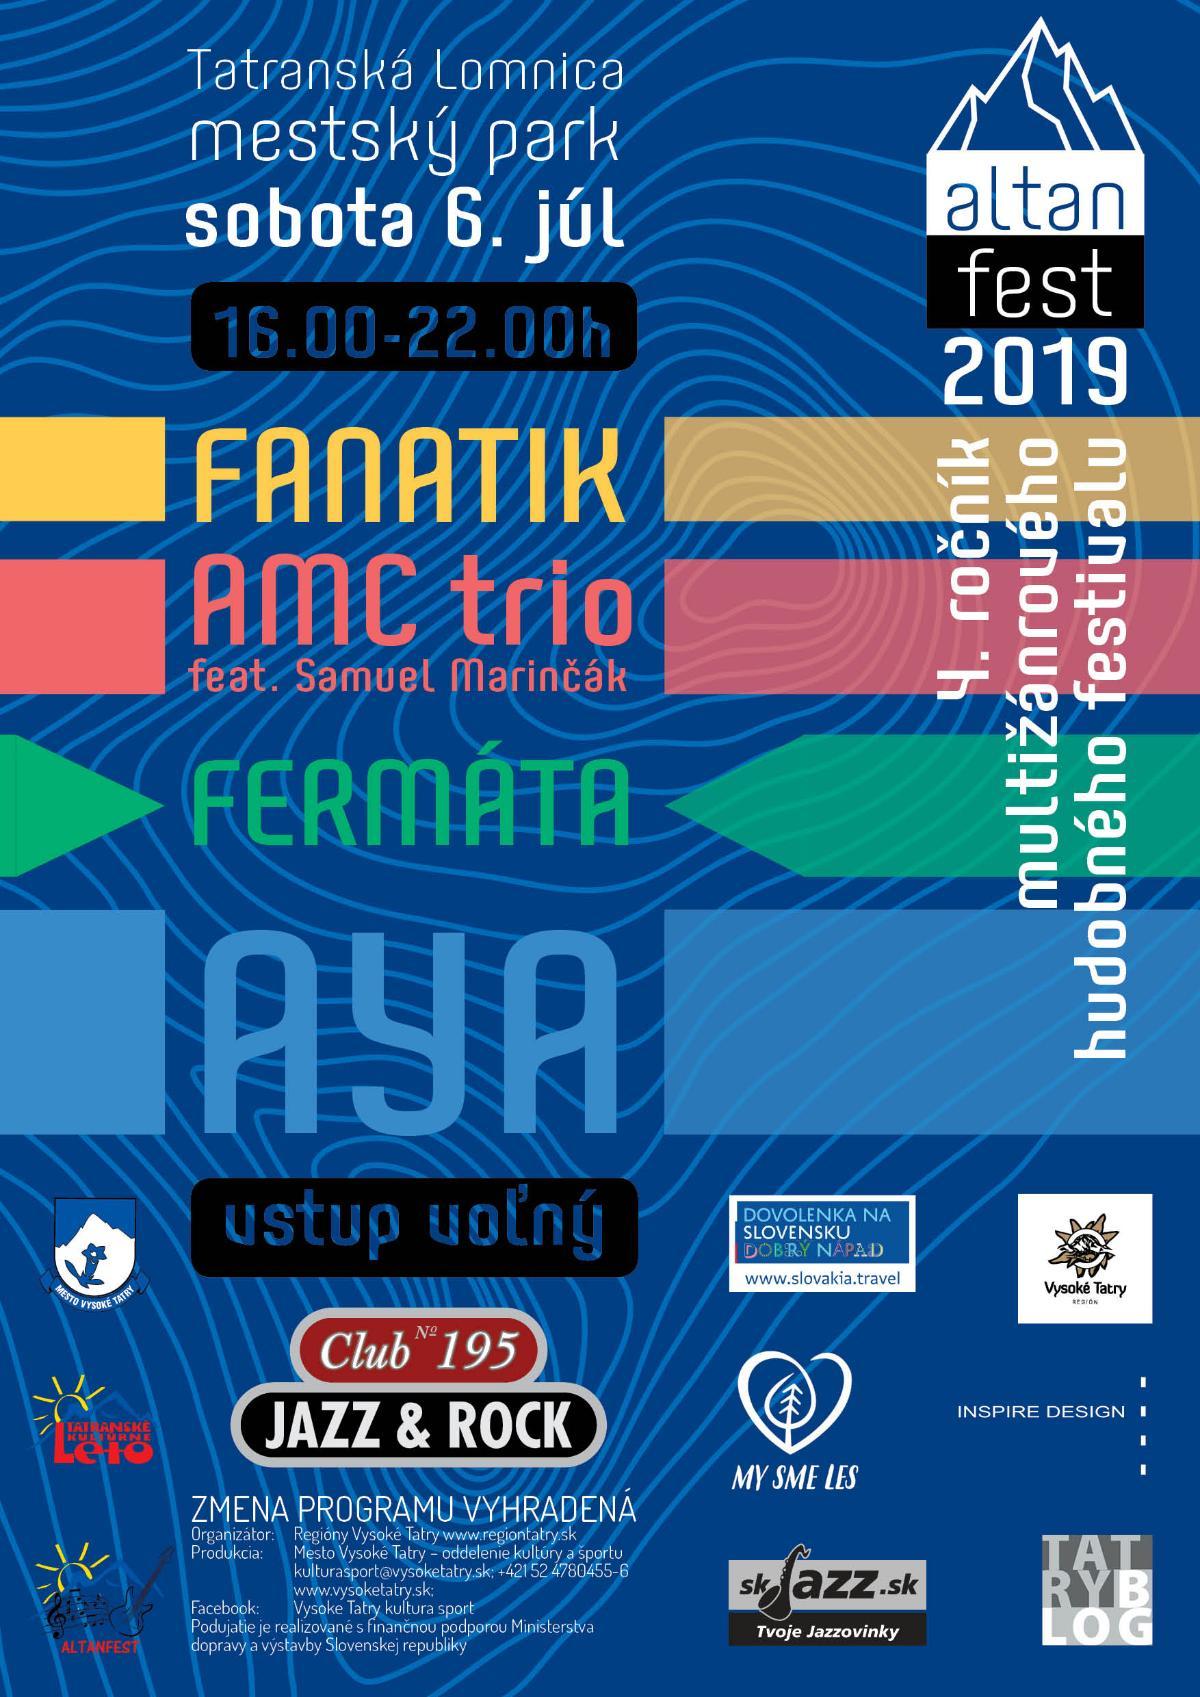 altanfest 2019